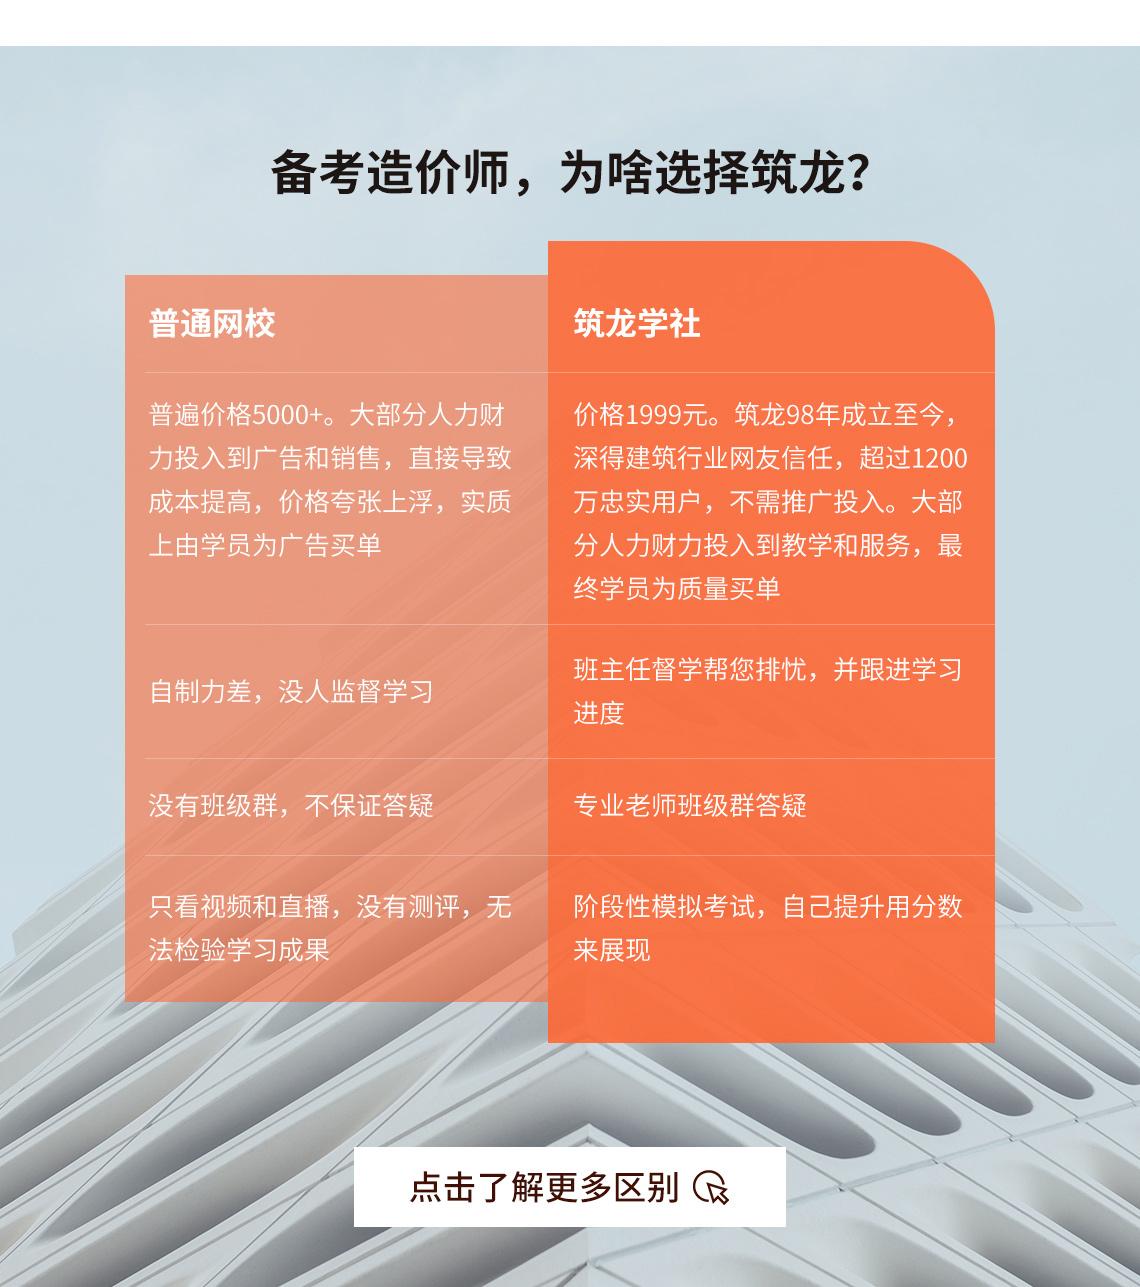 学习计算房屋建筑面积,学习工程量计算的依据及方法。